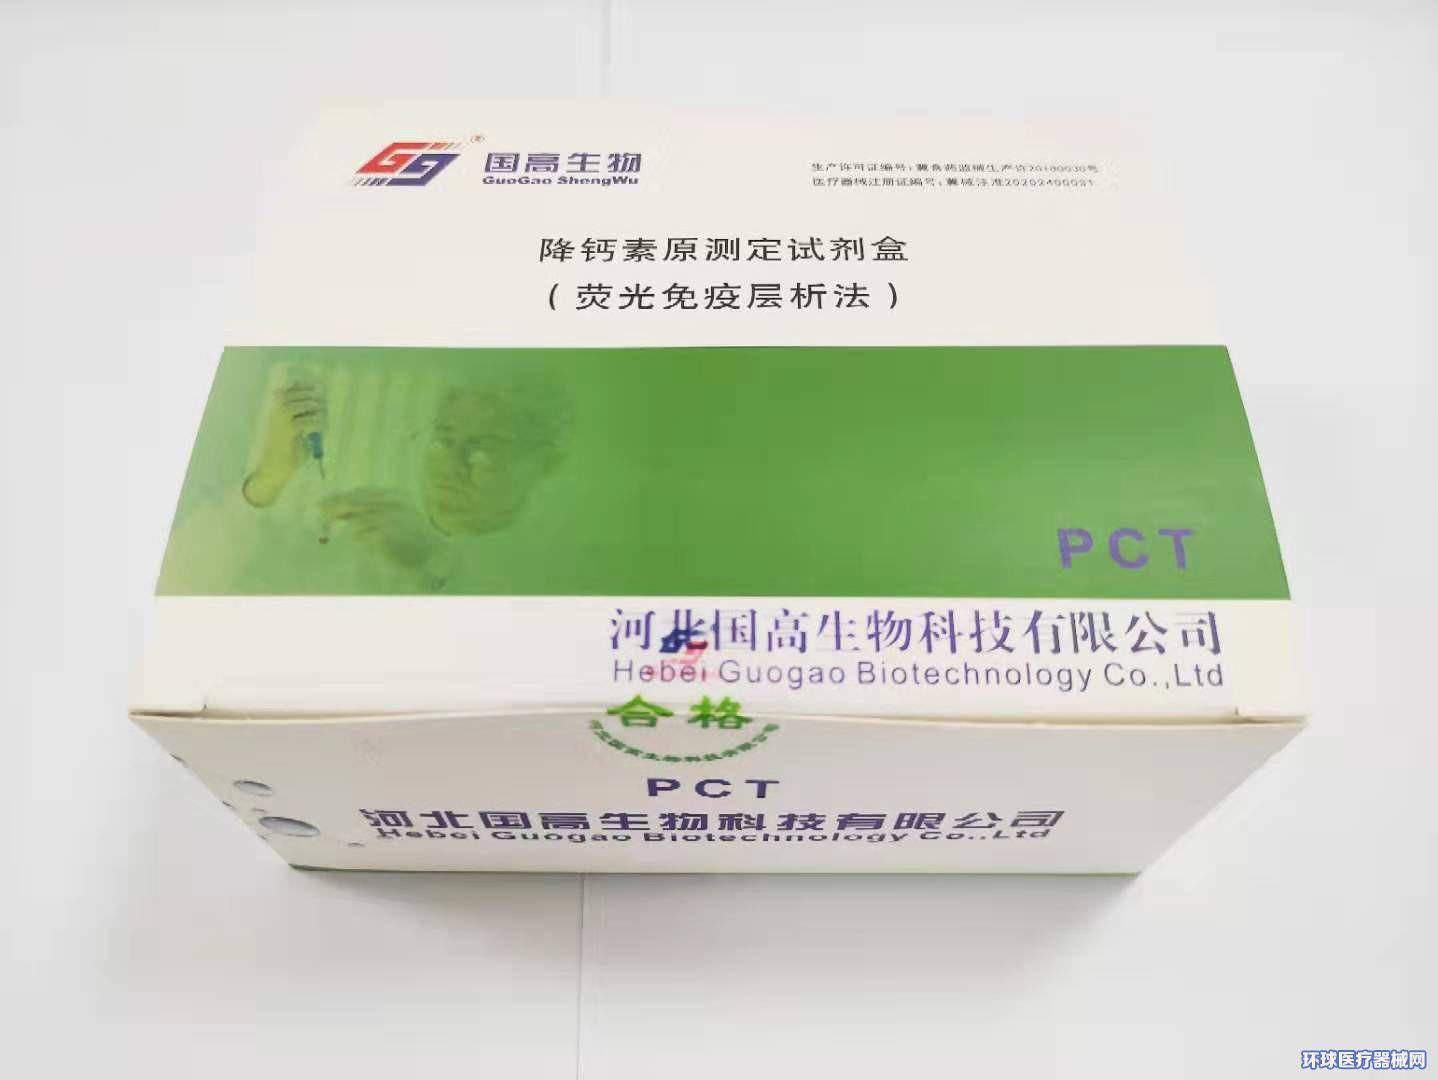 降钙素原(PCT)荧光免疫层析法